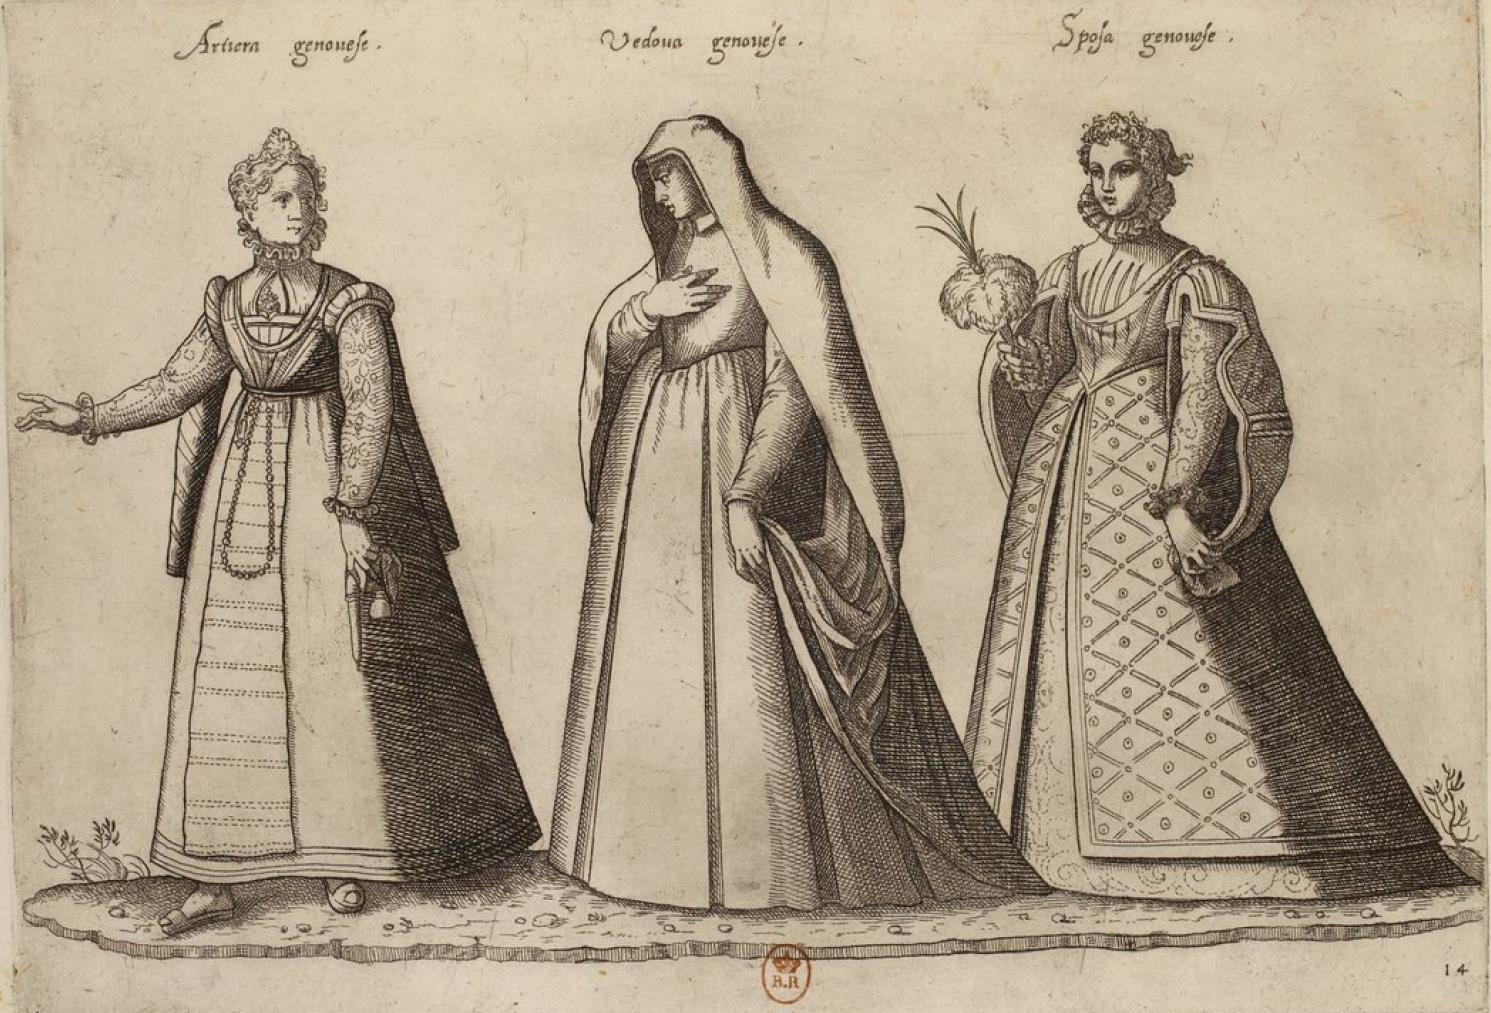 Генуя. Мещанка. Вдова. Невеста